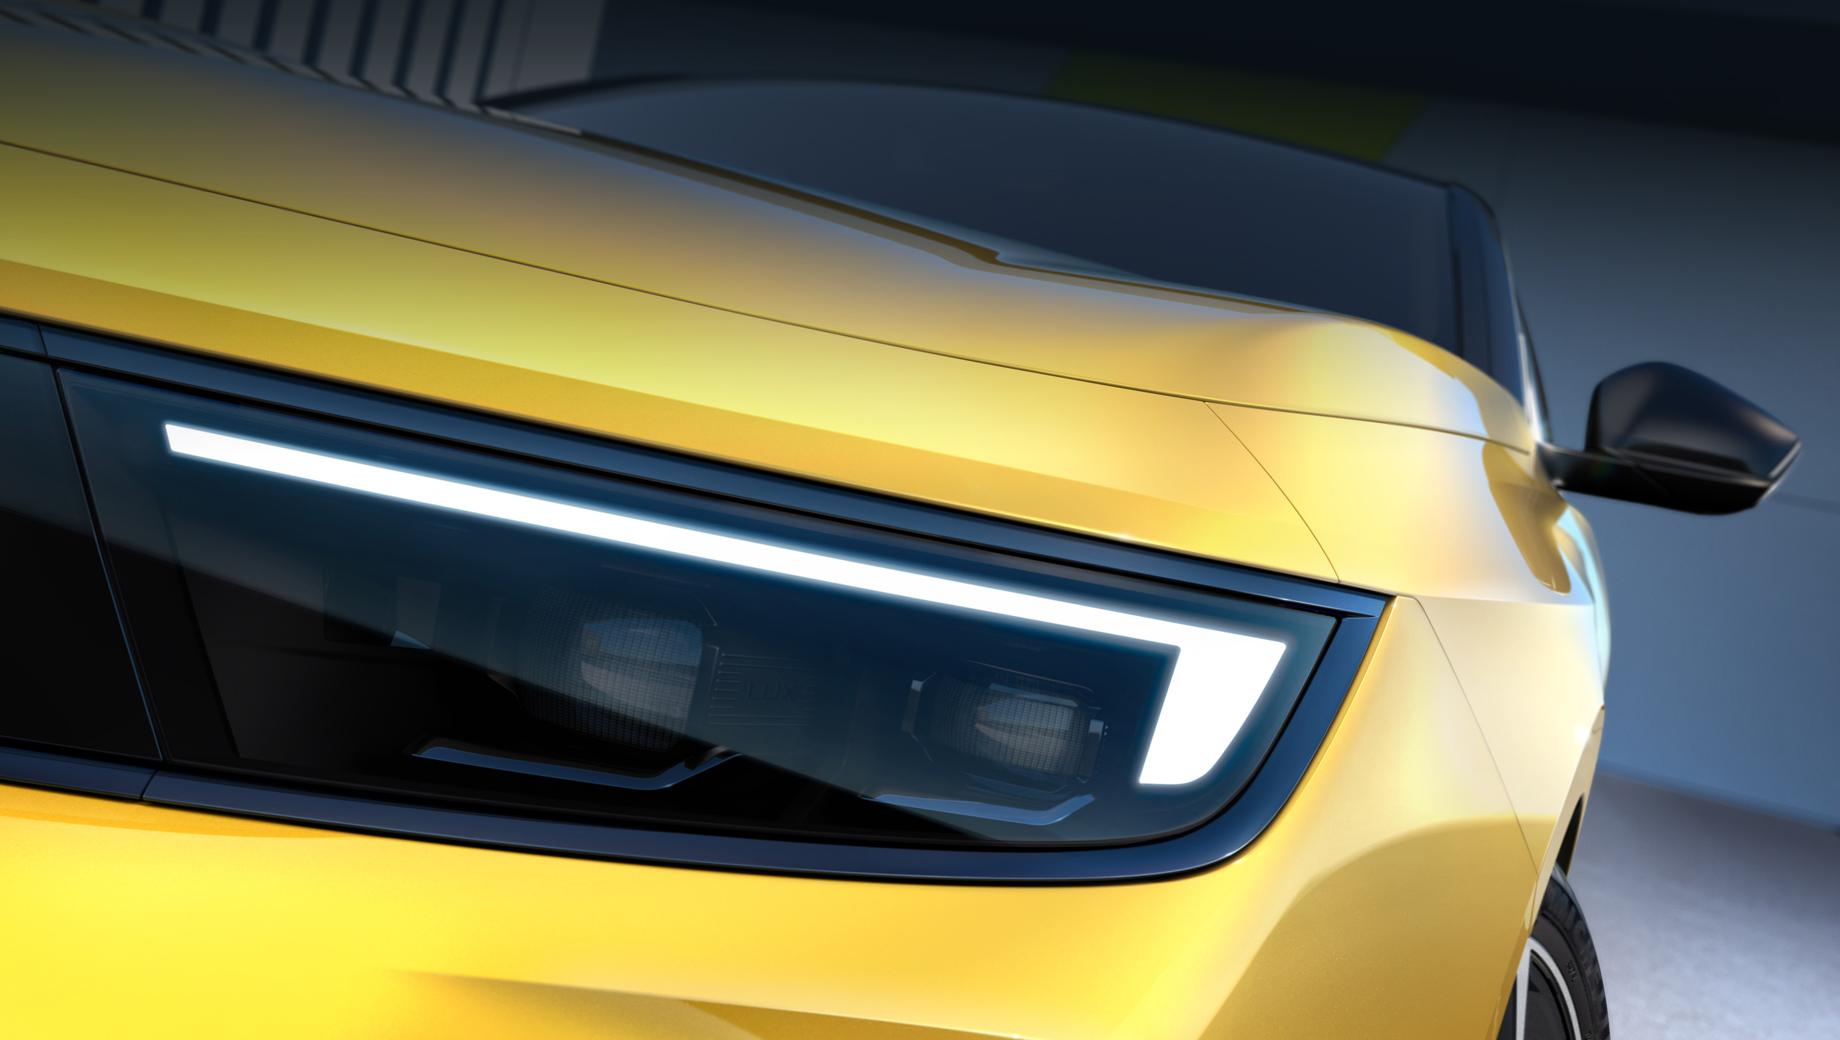 Нова Opel Astra 2022: перші фото салону та